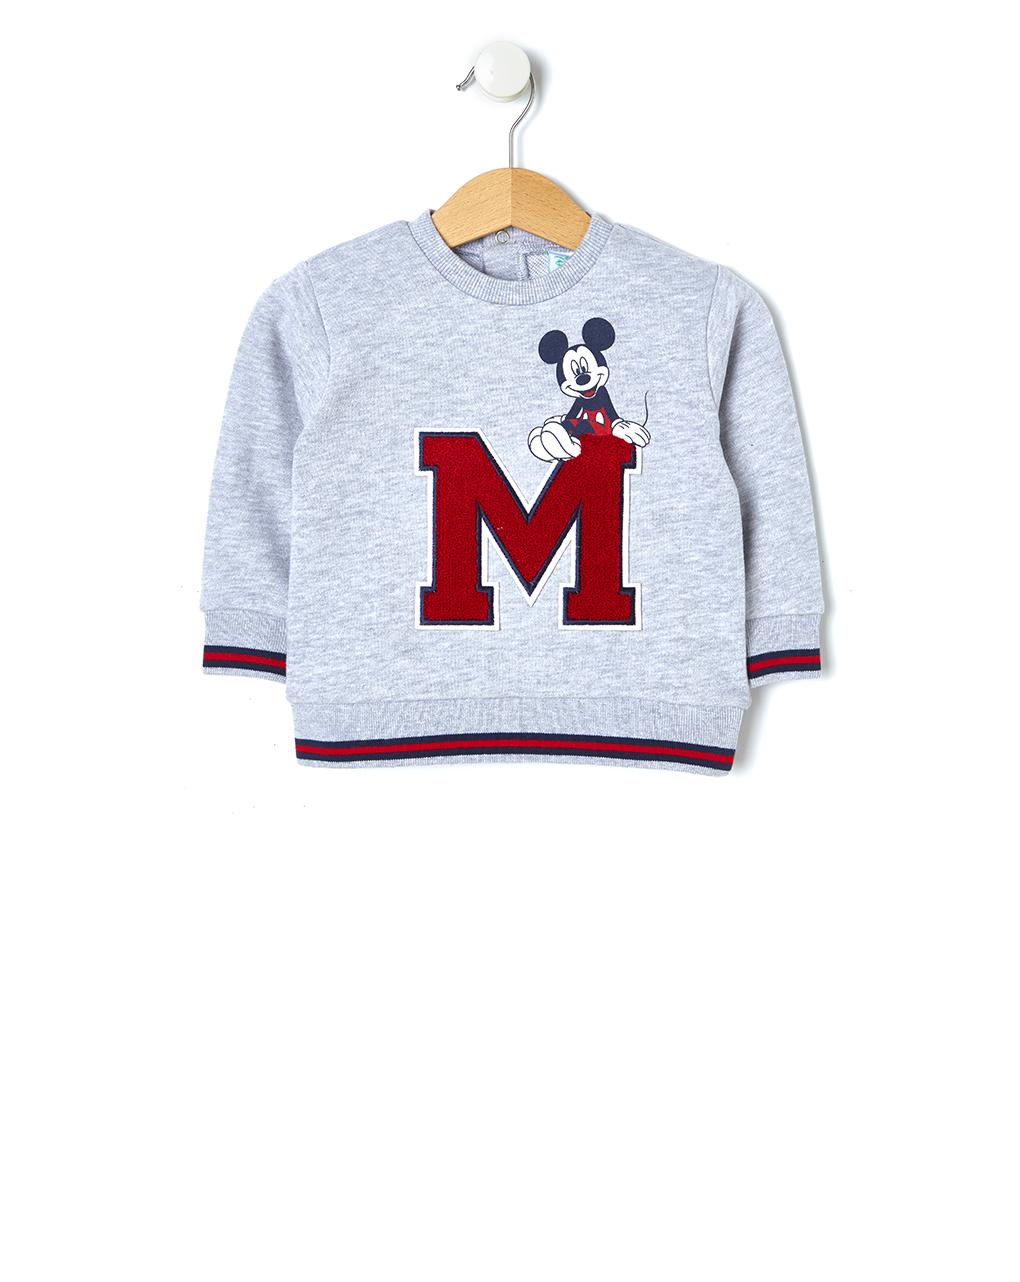 Μπλούζα Φούτερ Γκρι Mickey Mouse για Αγόρι